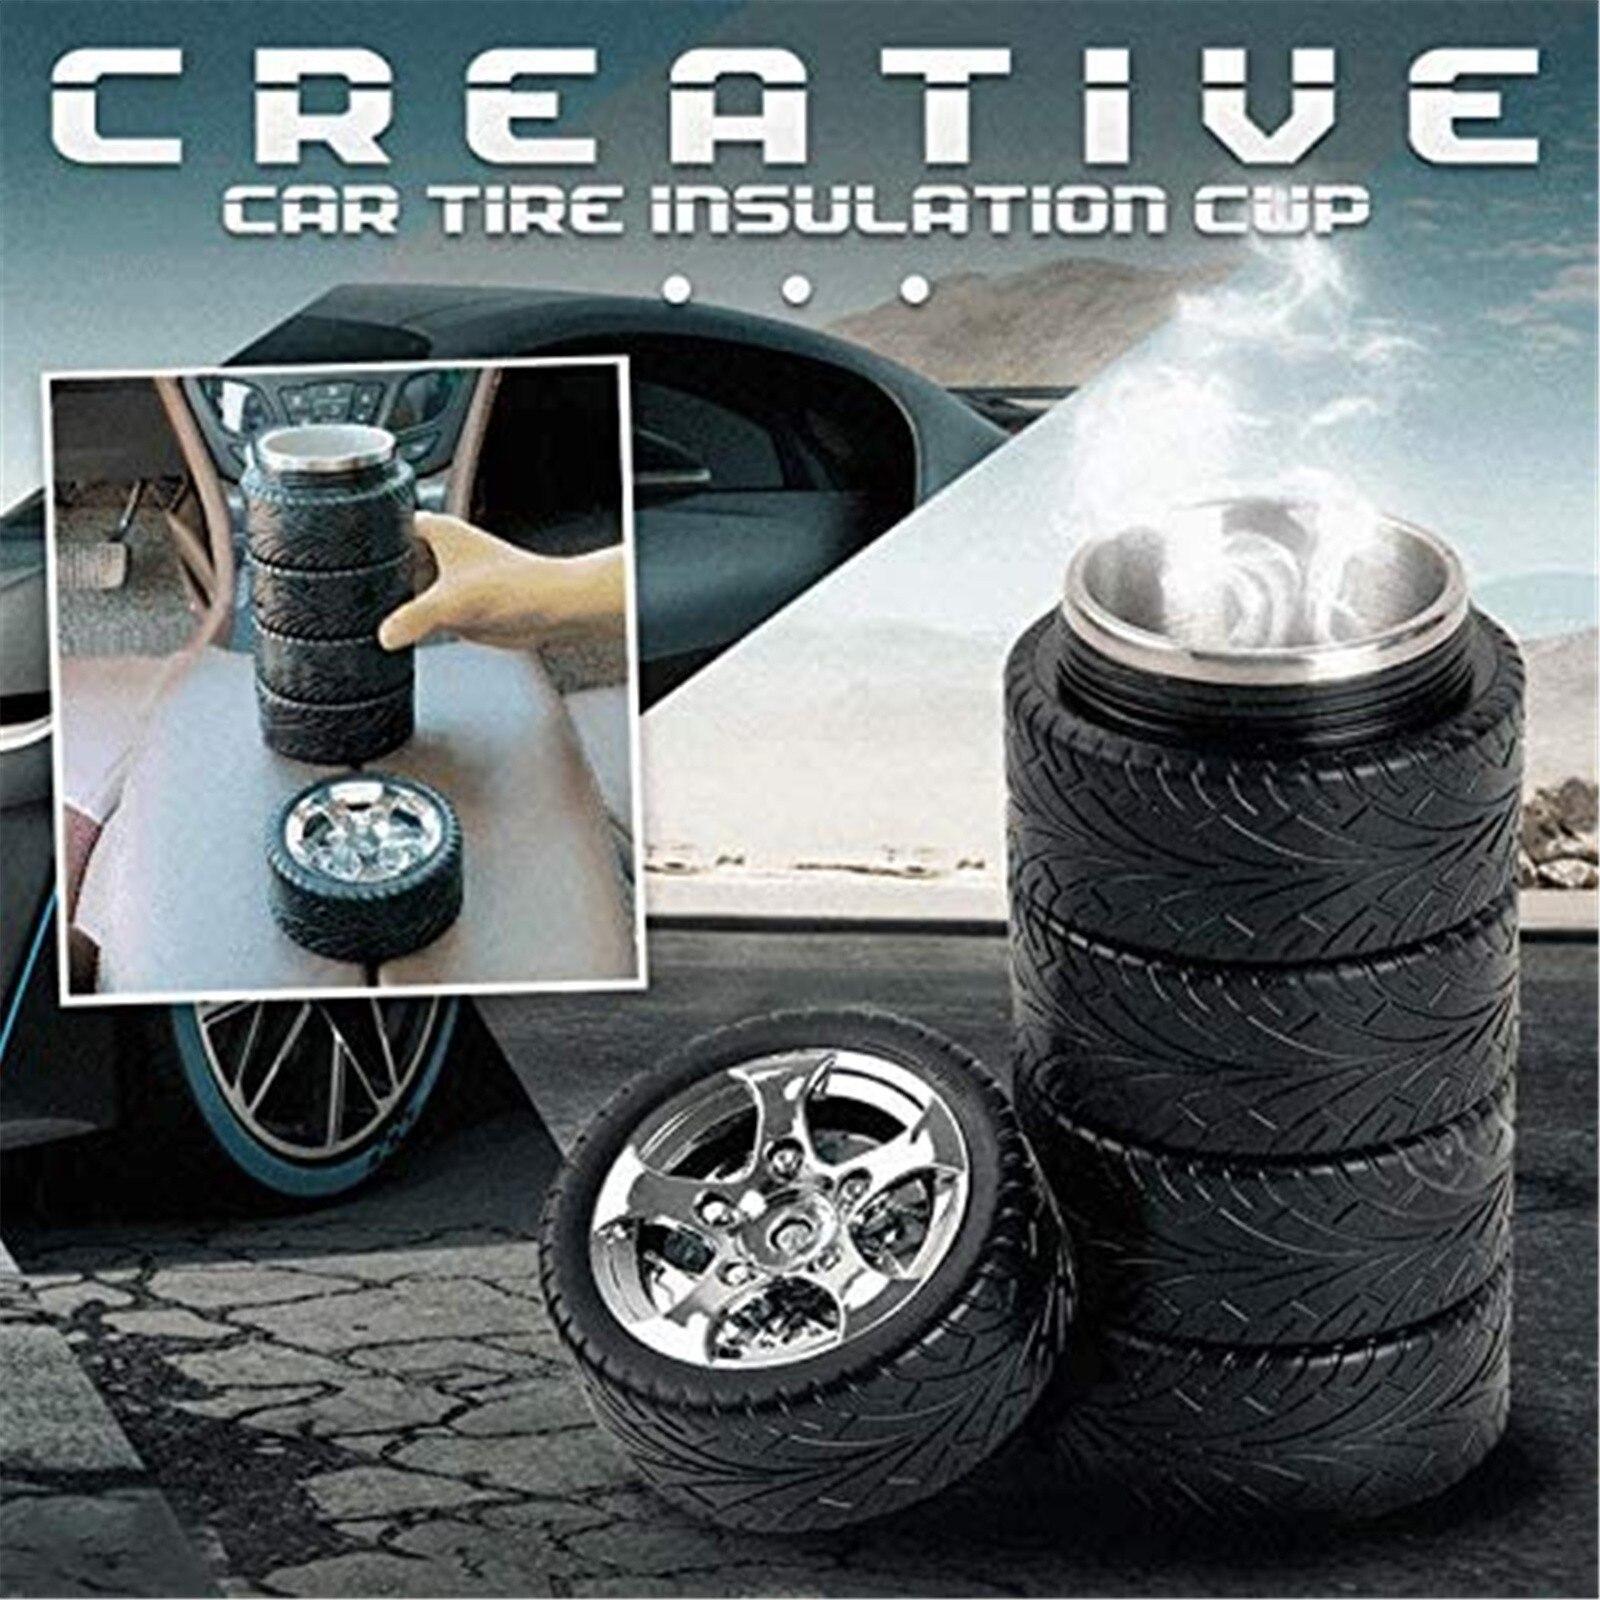 Thermos en acier inoxydable, forme de pneu de voiture créative de 320ml, tasses, flacons sous vide, tasse de café, tasse de voyage, bouteille disolation thermique